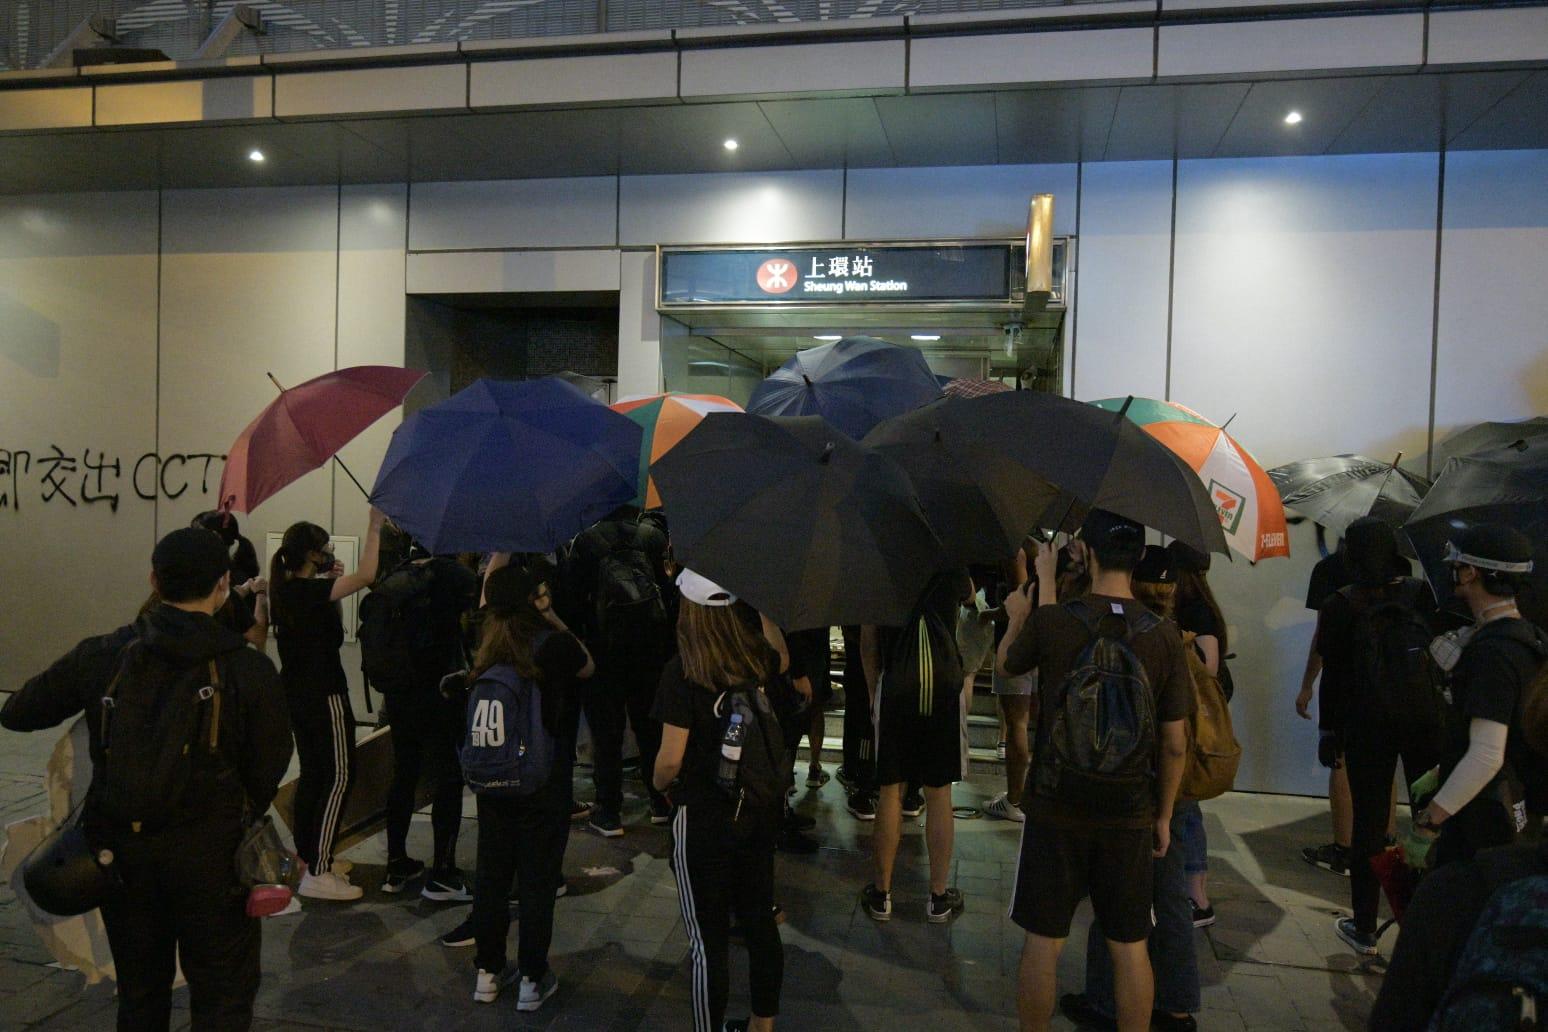 【修例風波】示威者搗亂中環銀行快餐店 警推進至上環